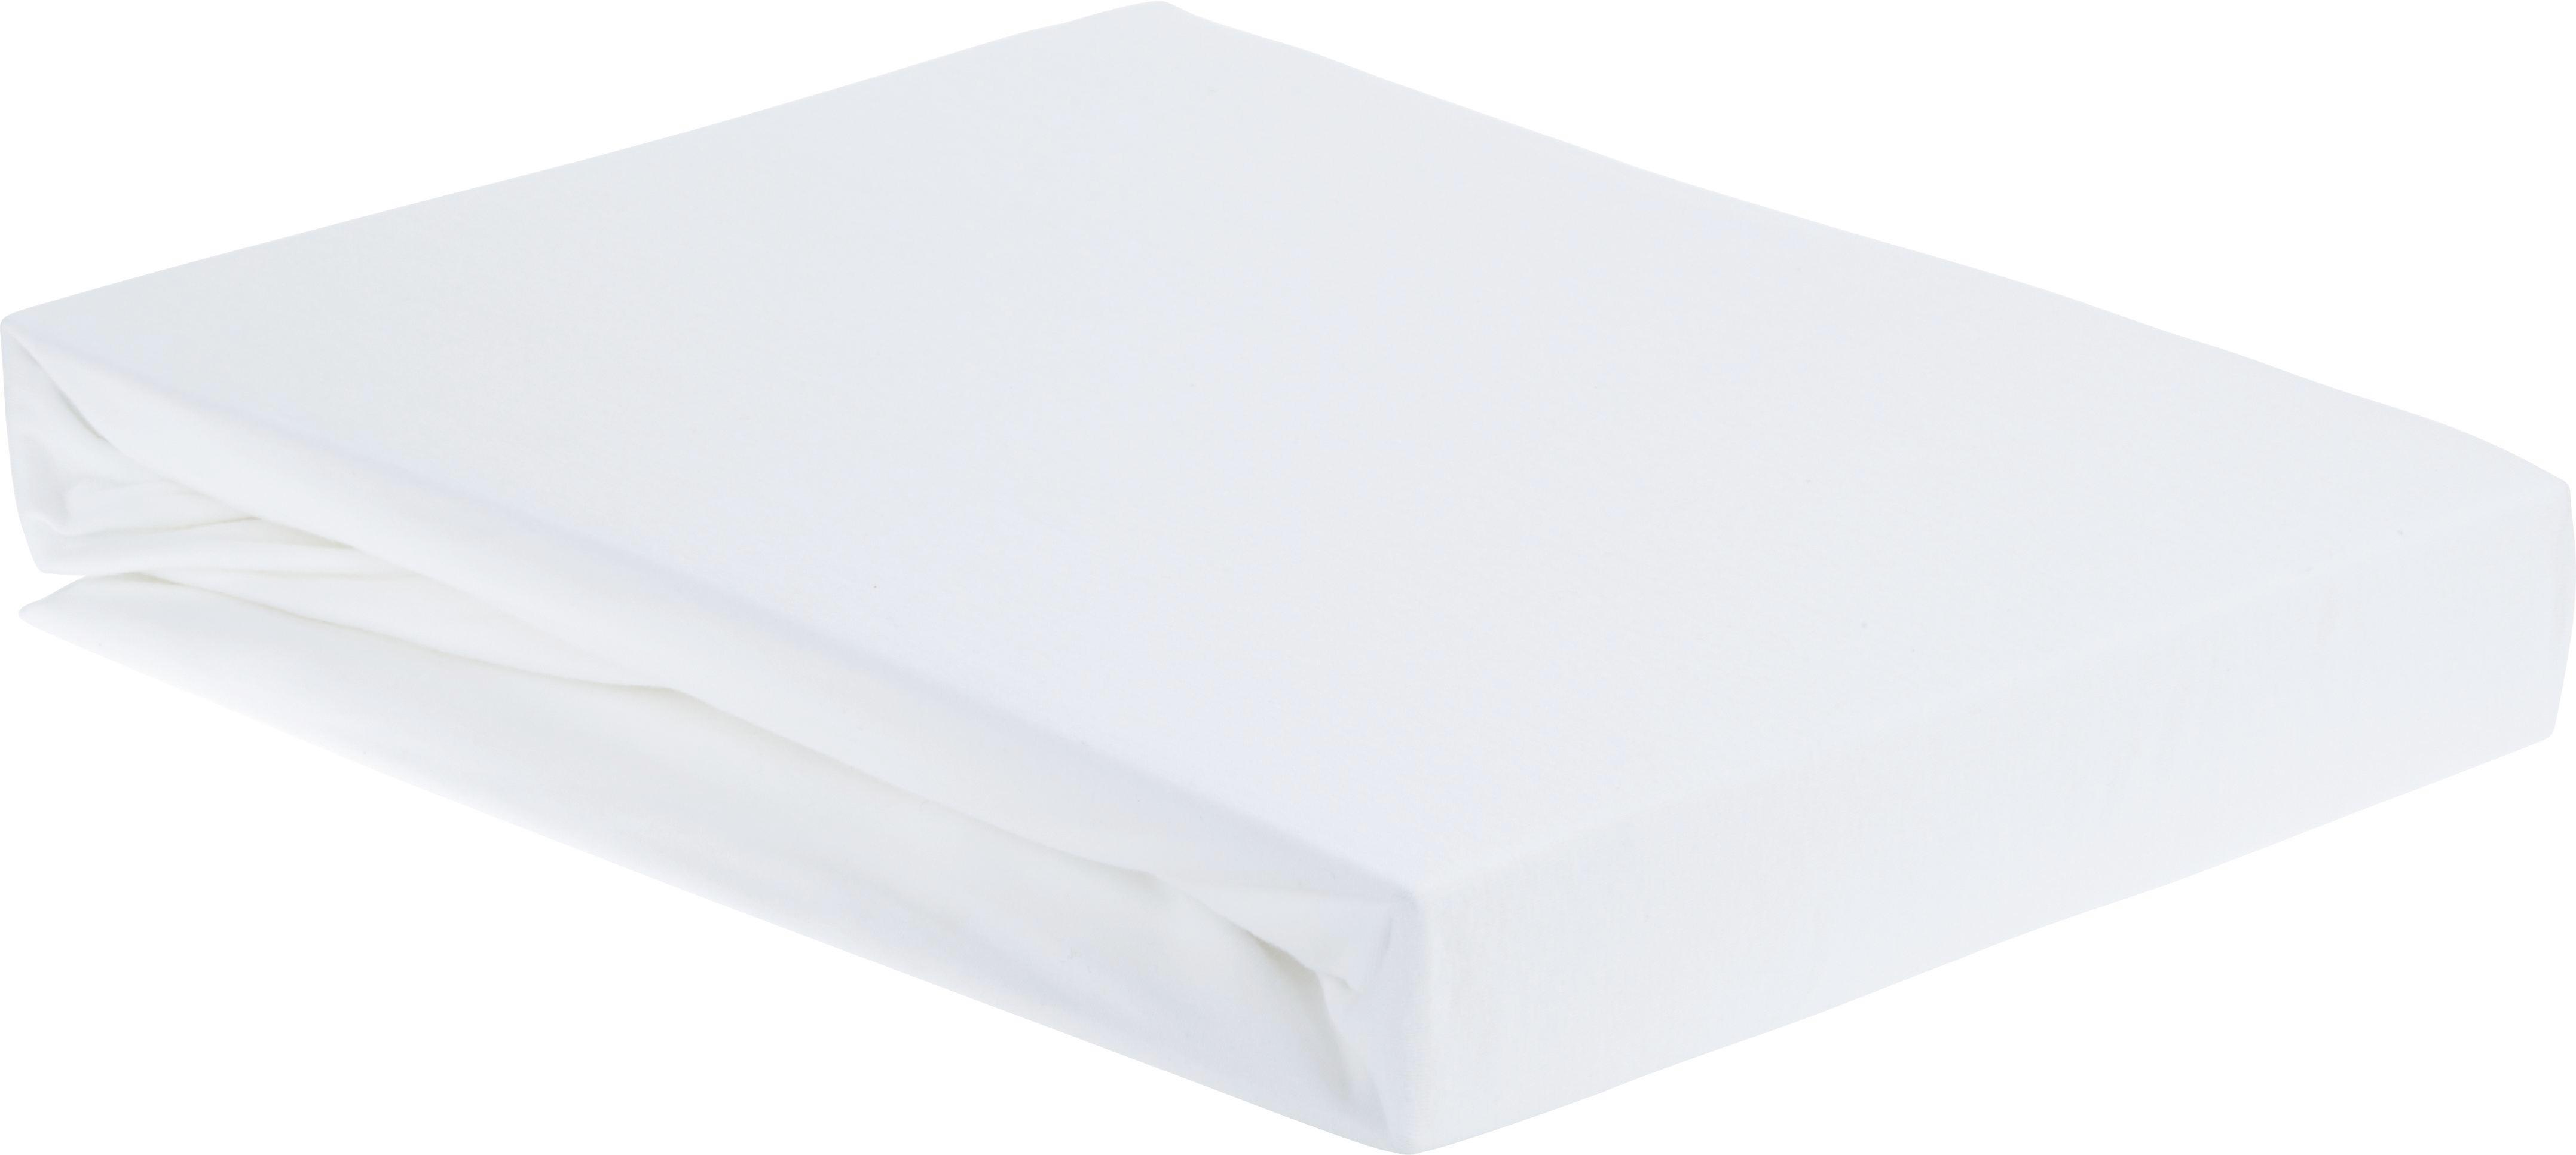 Spannbetttuch Elasthan ca. 180x200cm - Weiß, Textil (180/200cm) - PREMIUM LIVING